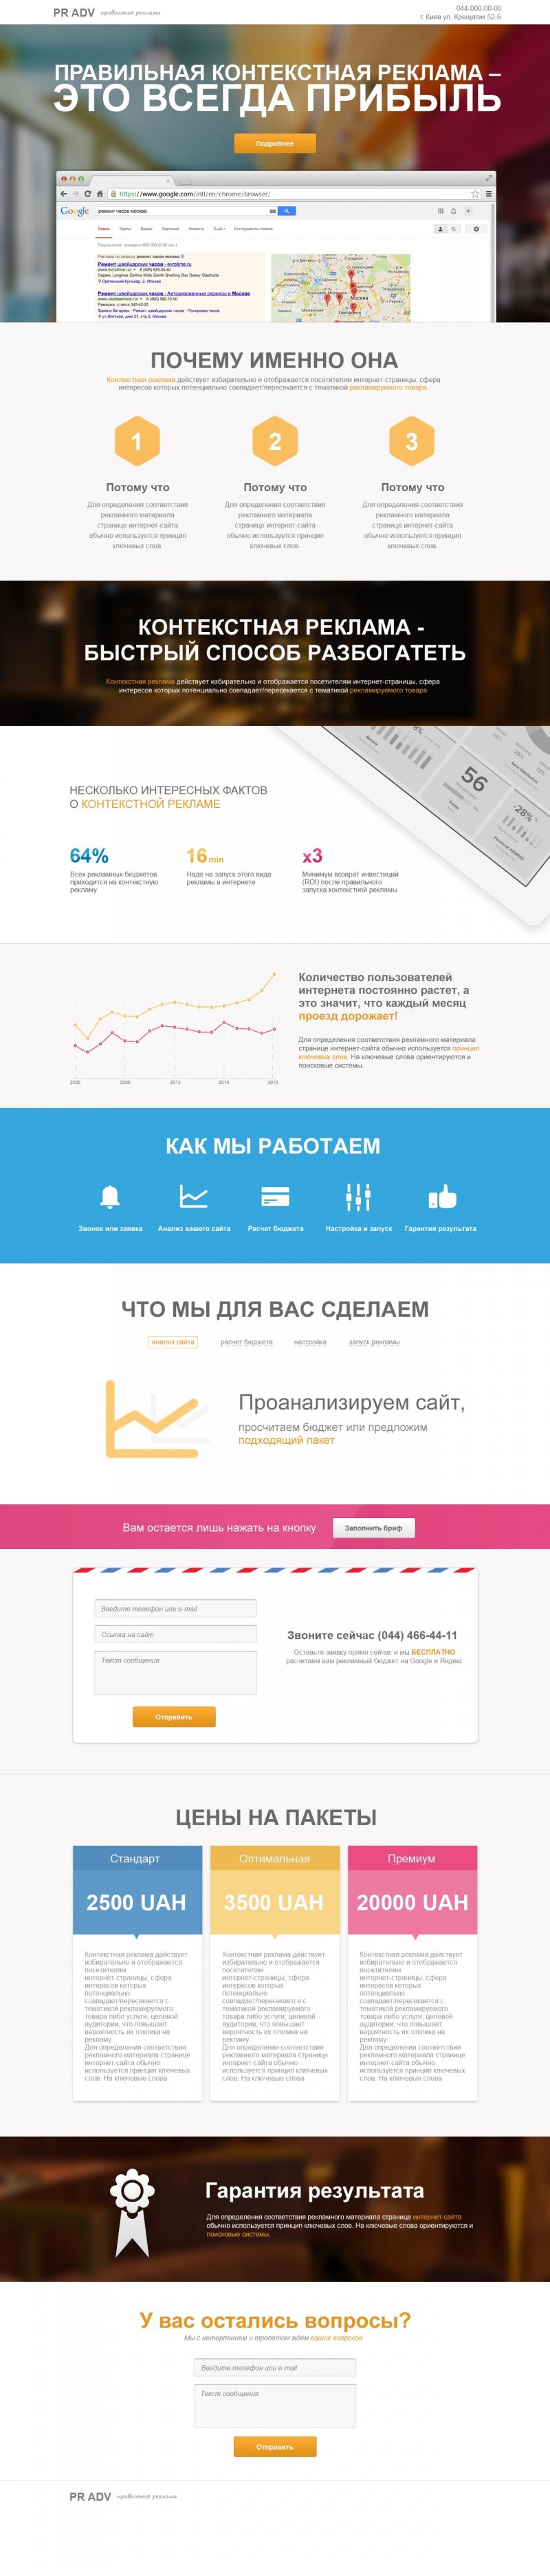 Чем хороша реклама в соц сетях? ВКонтакте